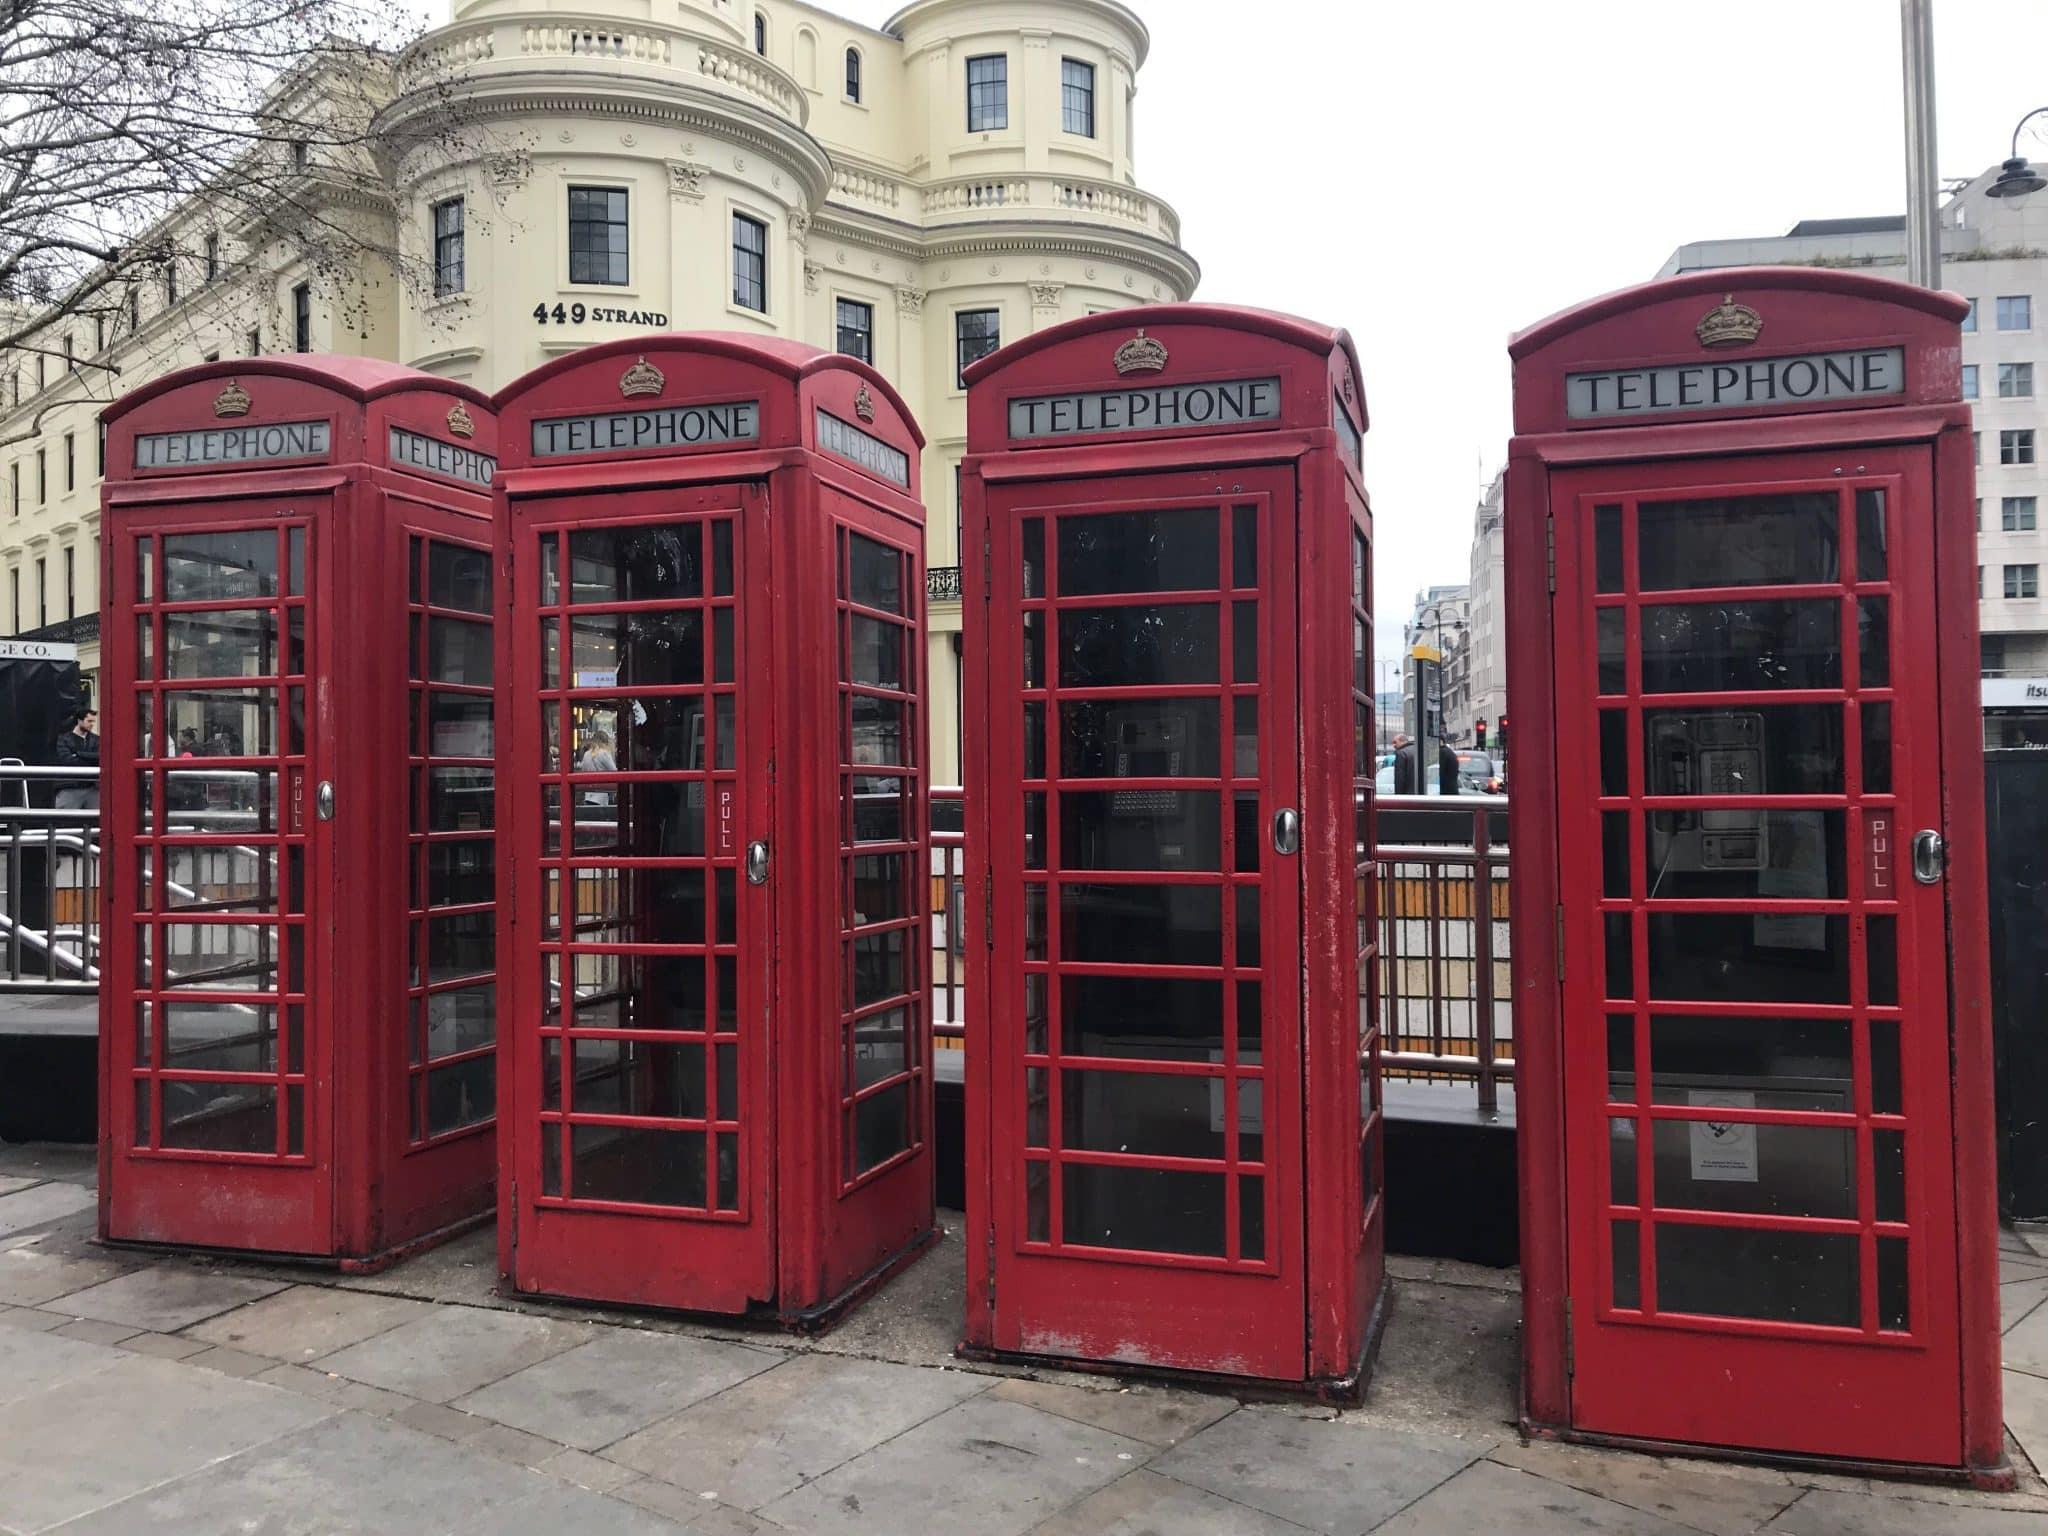 cabines téléphone rouge 4 jours à londres